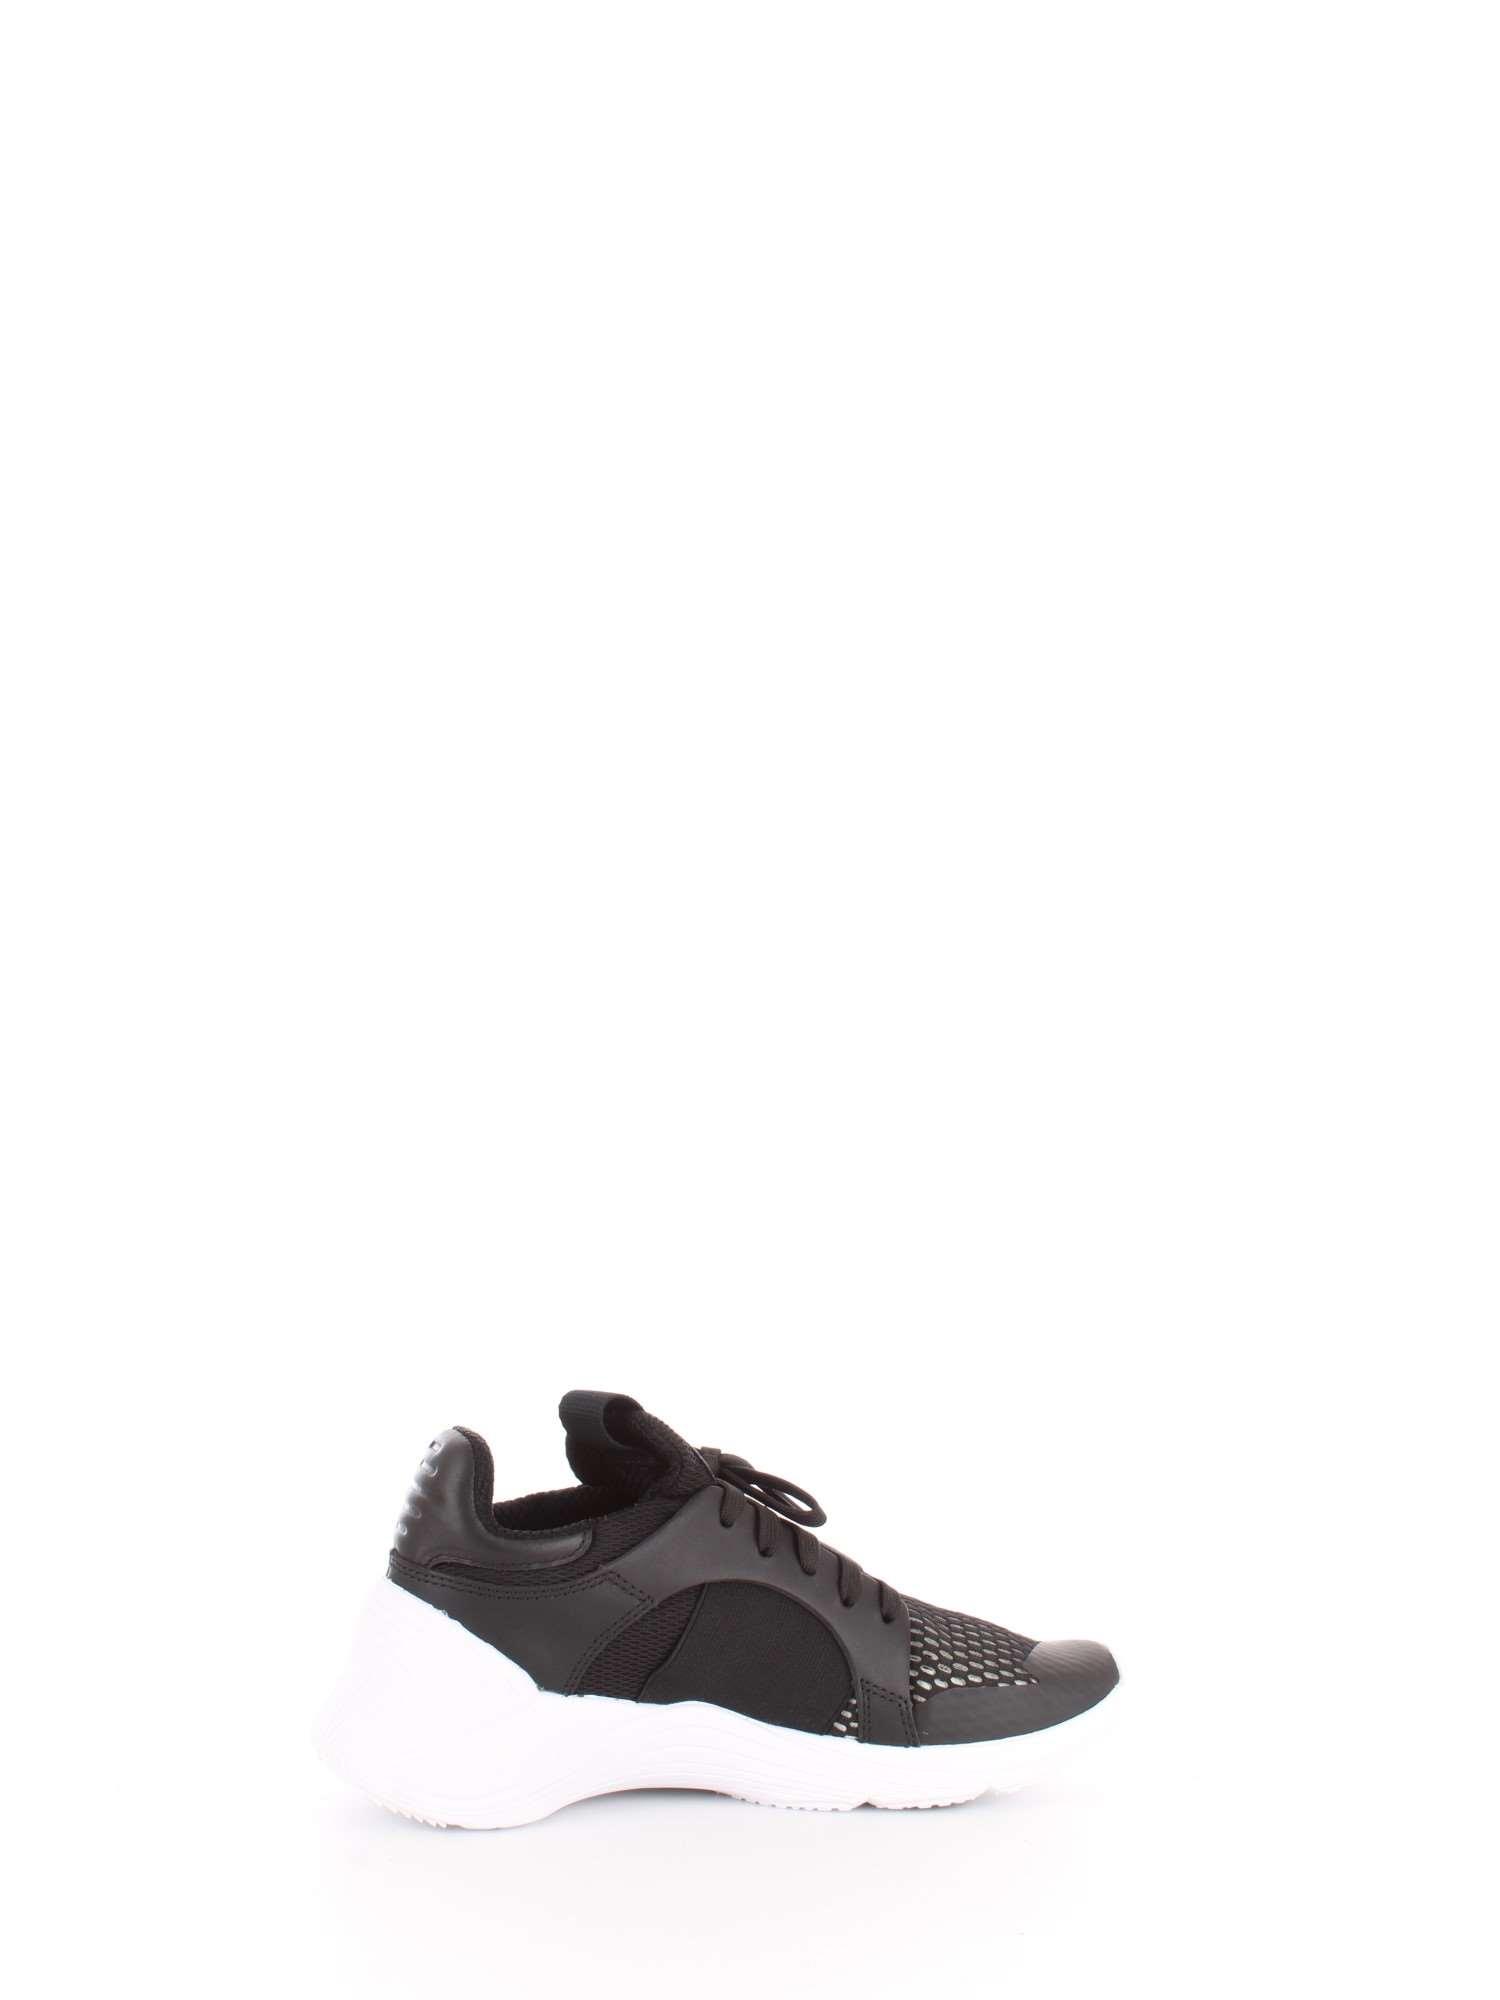 MCQ ALEXANDER MCQUEEN 544904 R25261 Nero-1006 Sneakers Donna ... fca8b769e1d